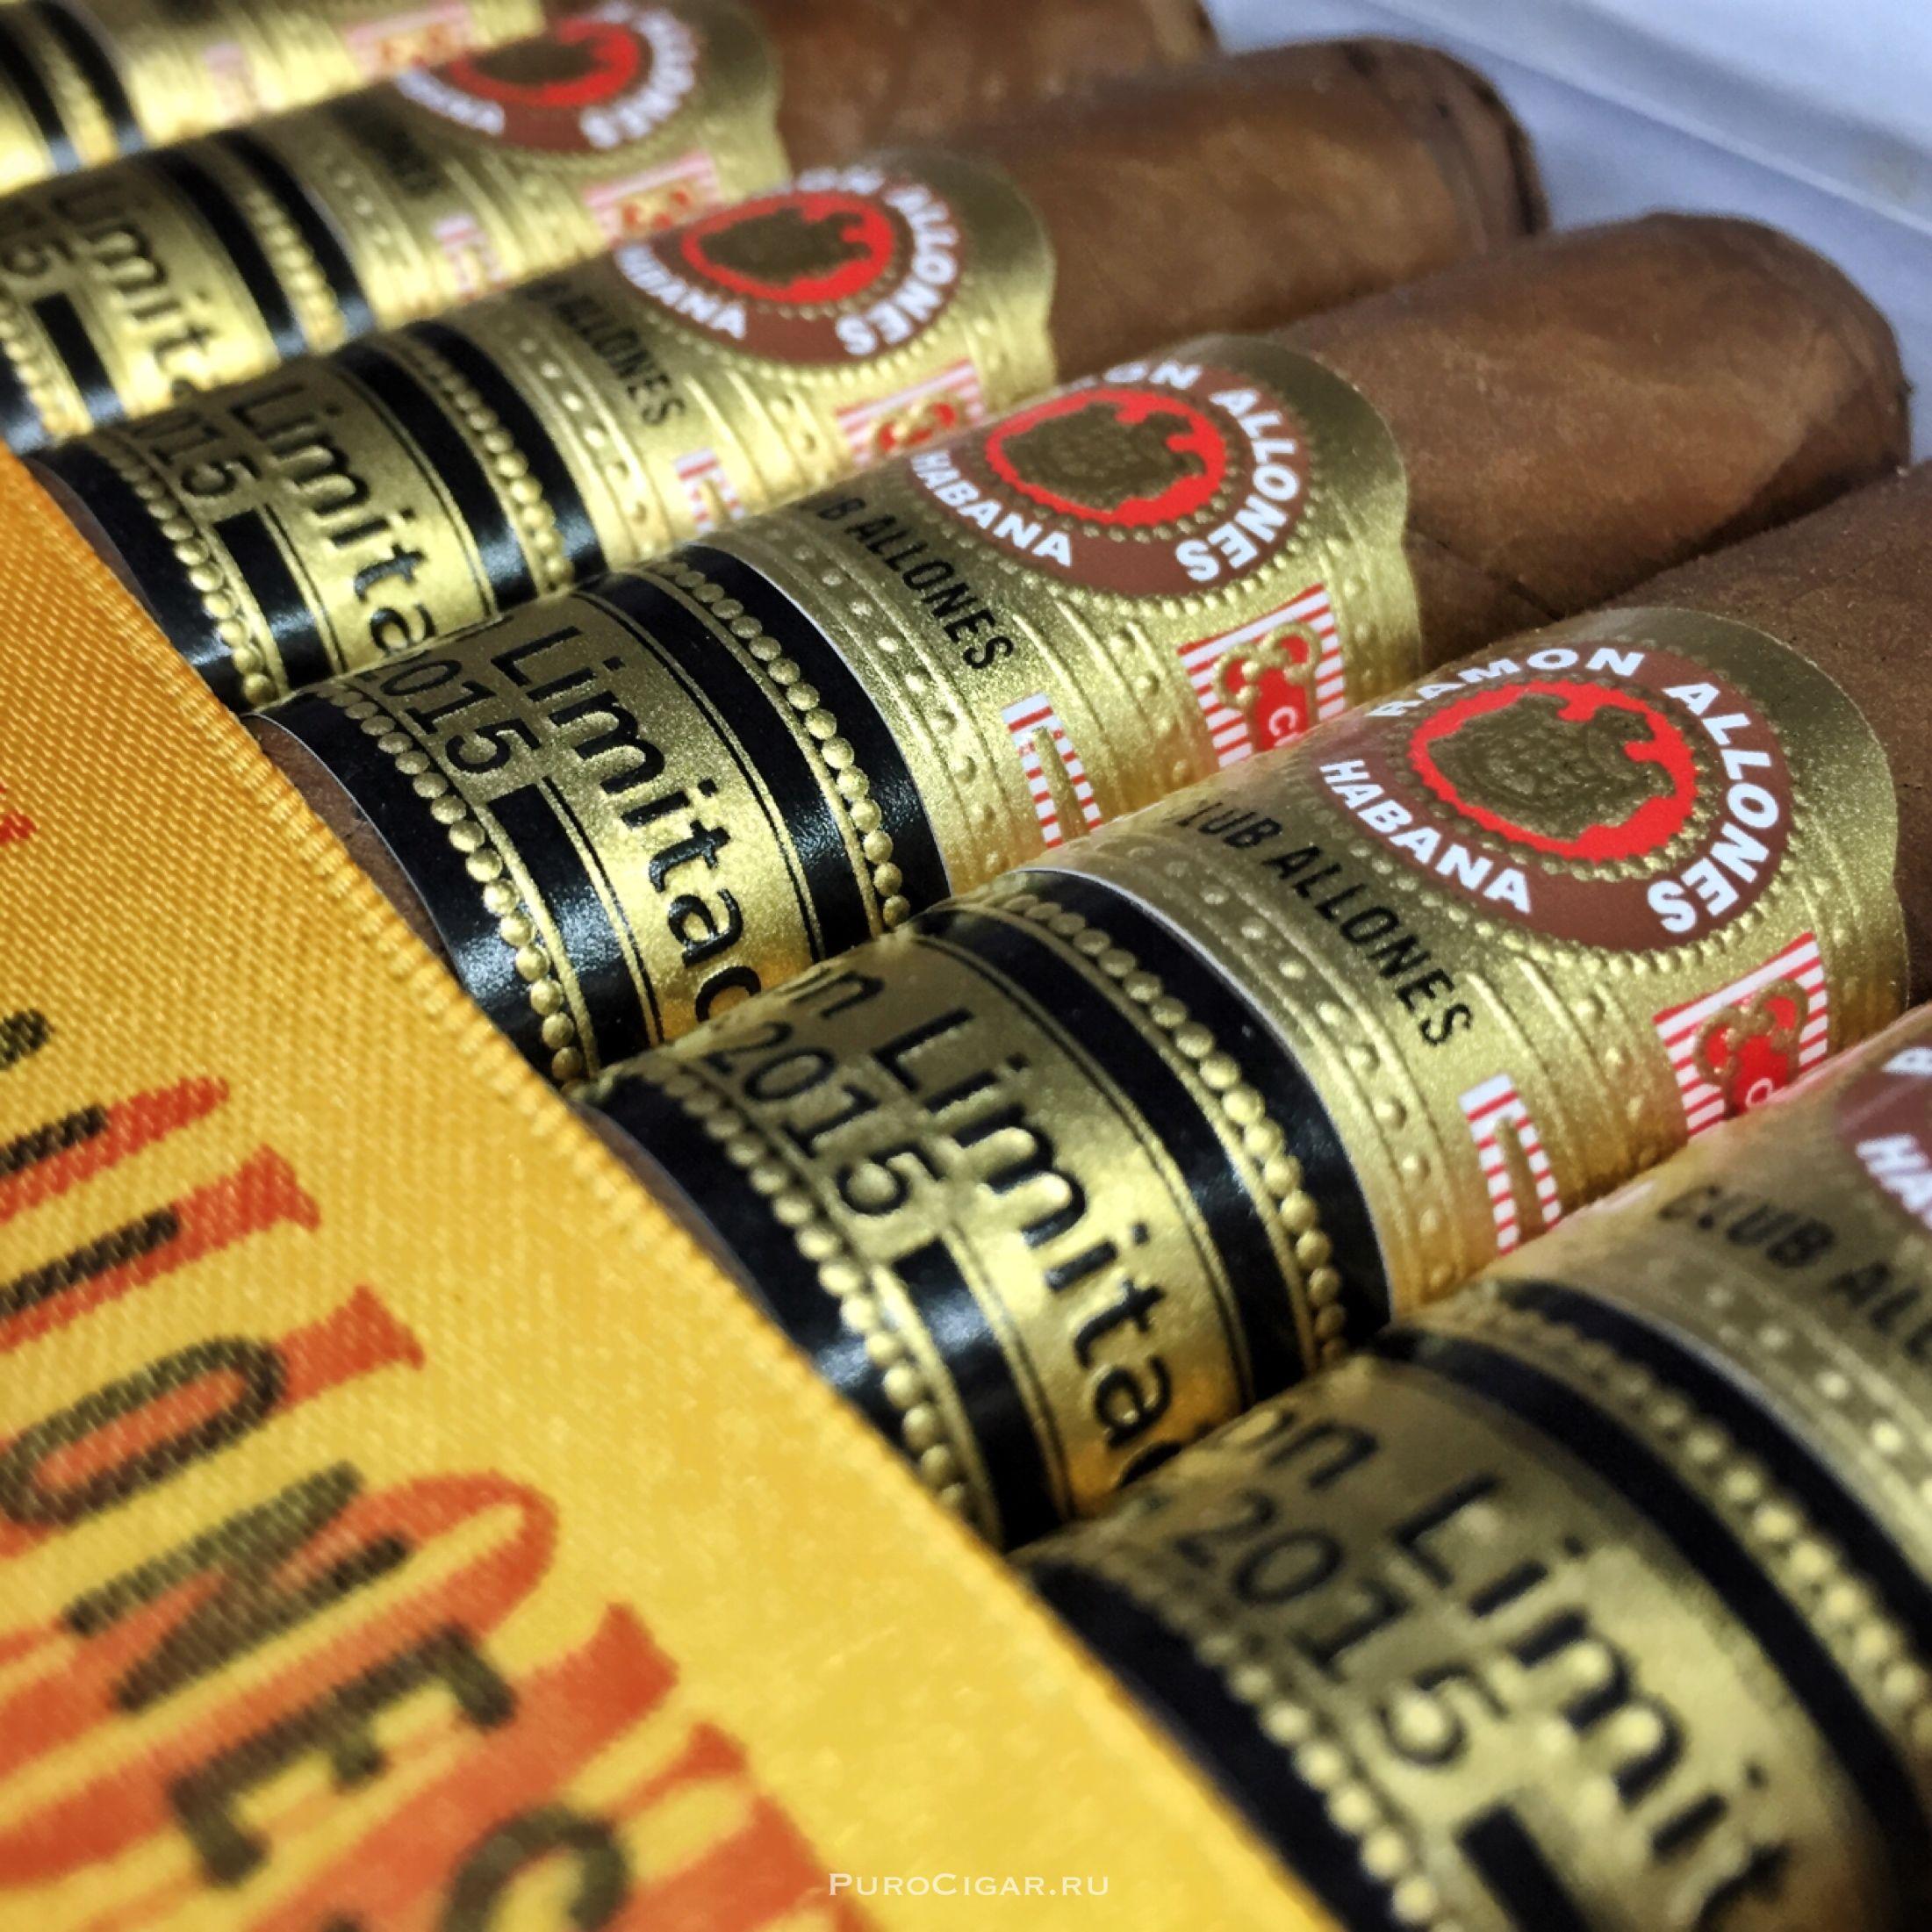 Табачные изделия 2015 купить в интернет магазине сигареты лаки страйк